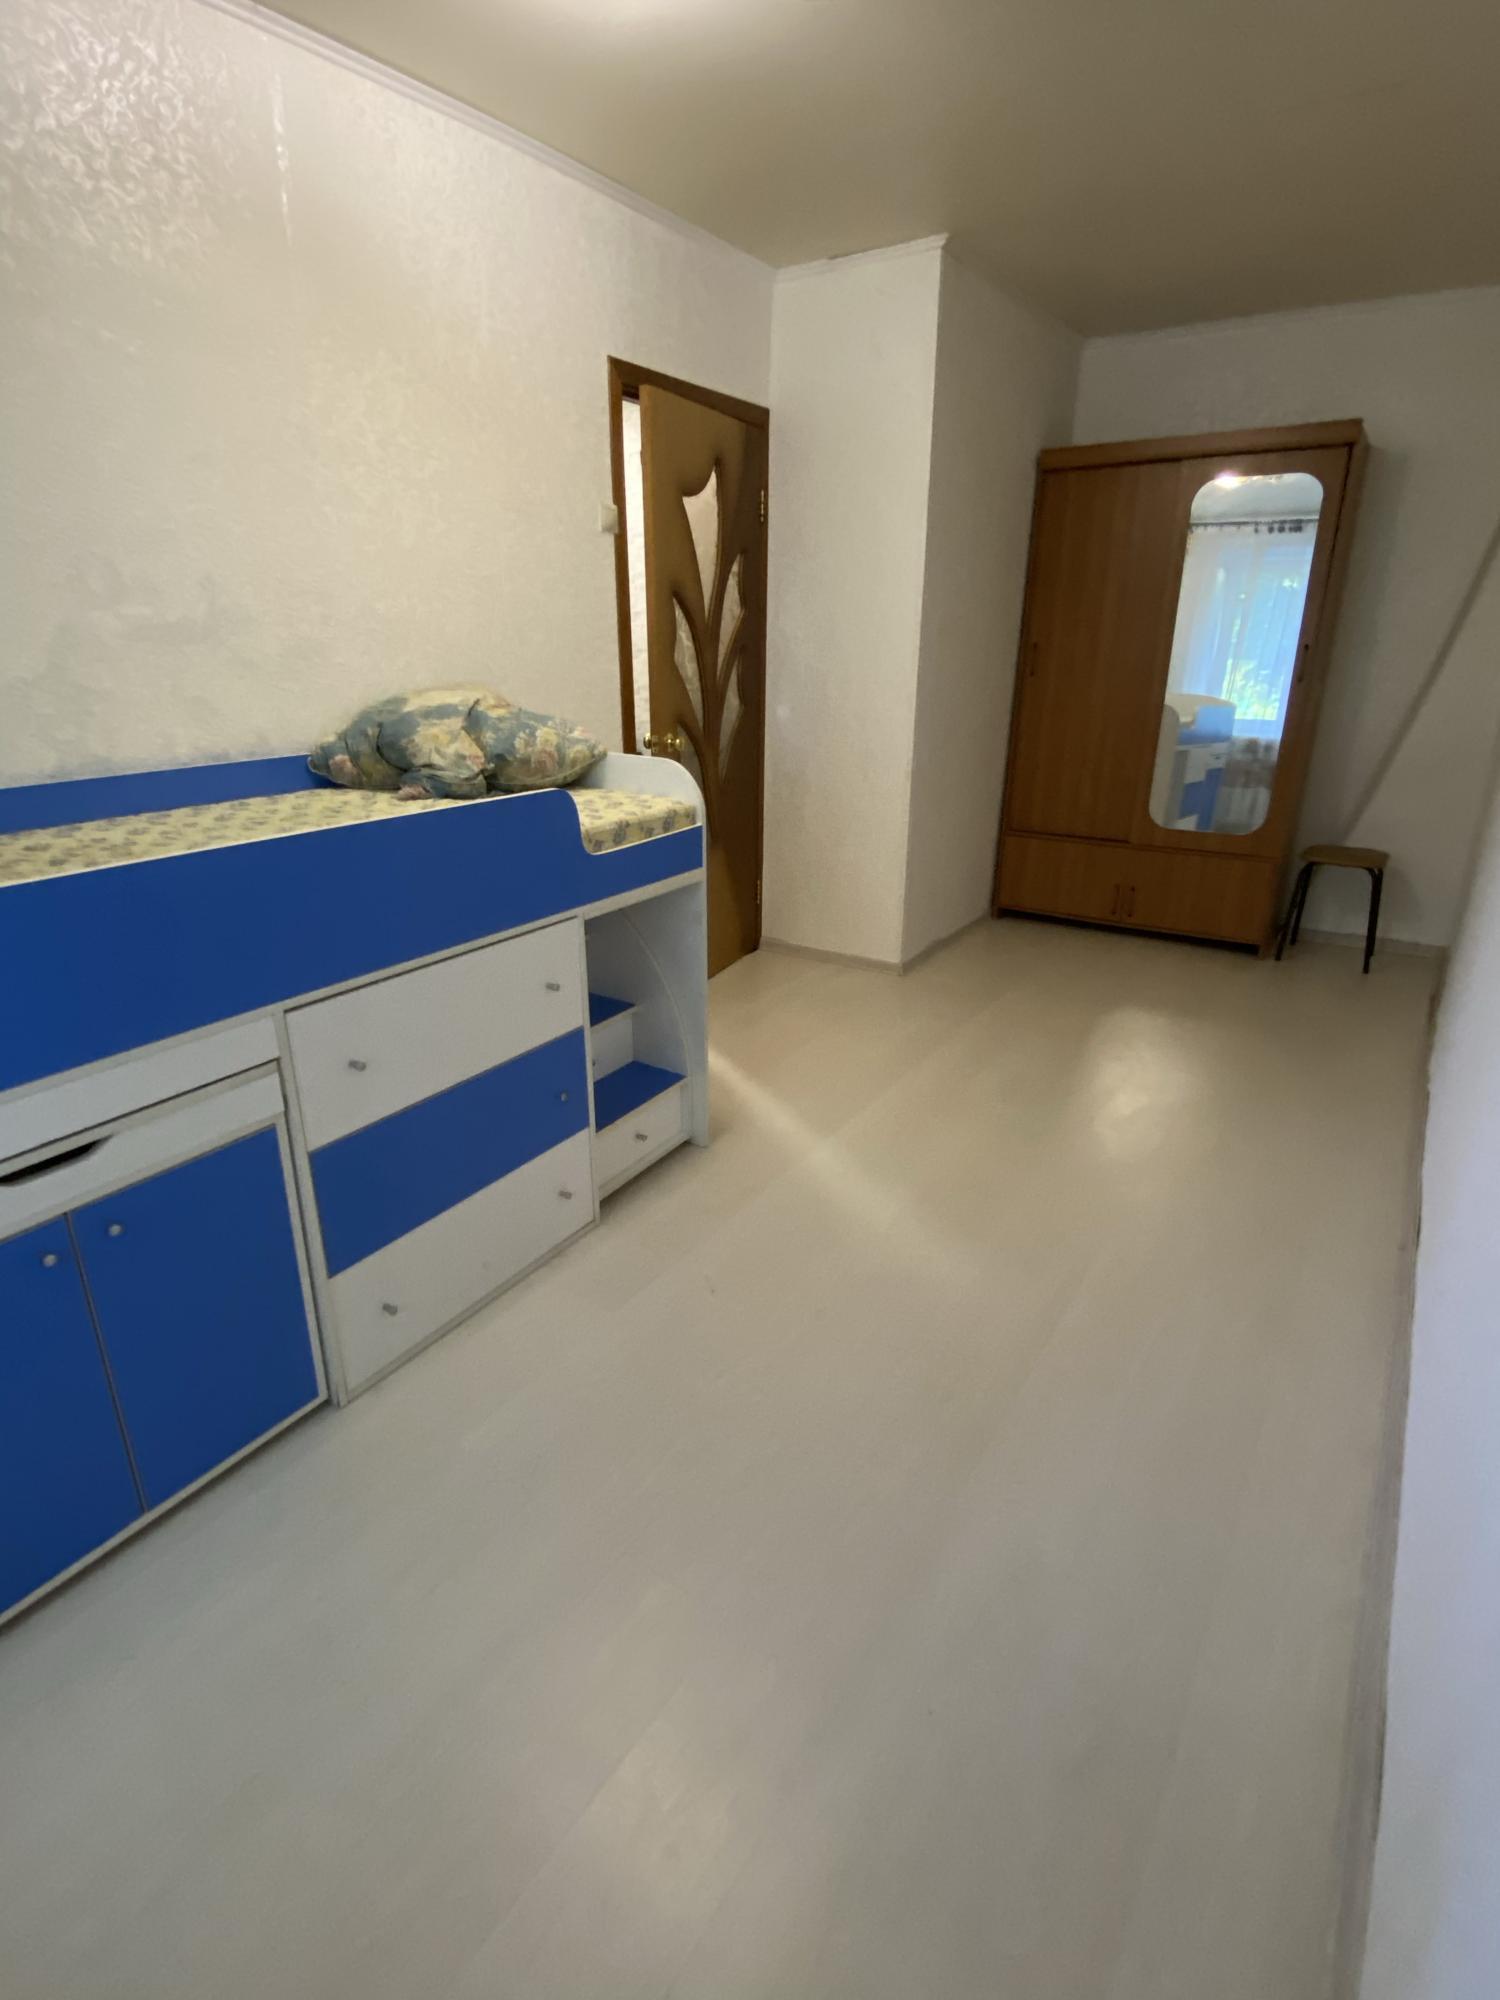 Квартира, 2 комнаты, 43 м² в Пушкино 89773266704 купить 3